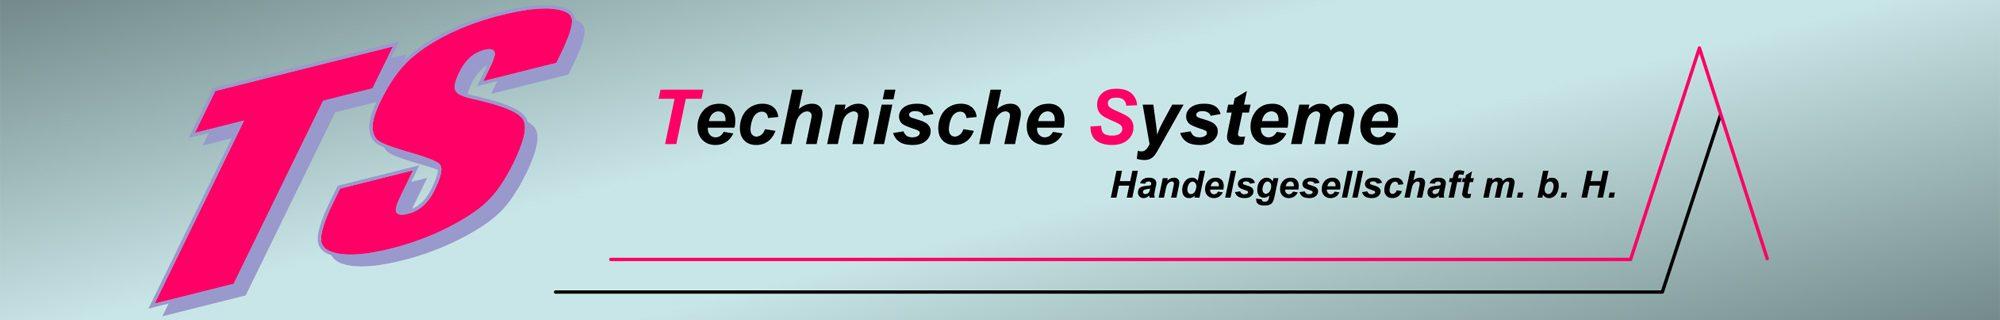 TS Technische Systeme GmbH